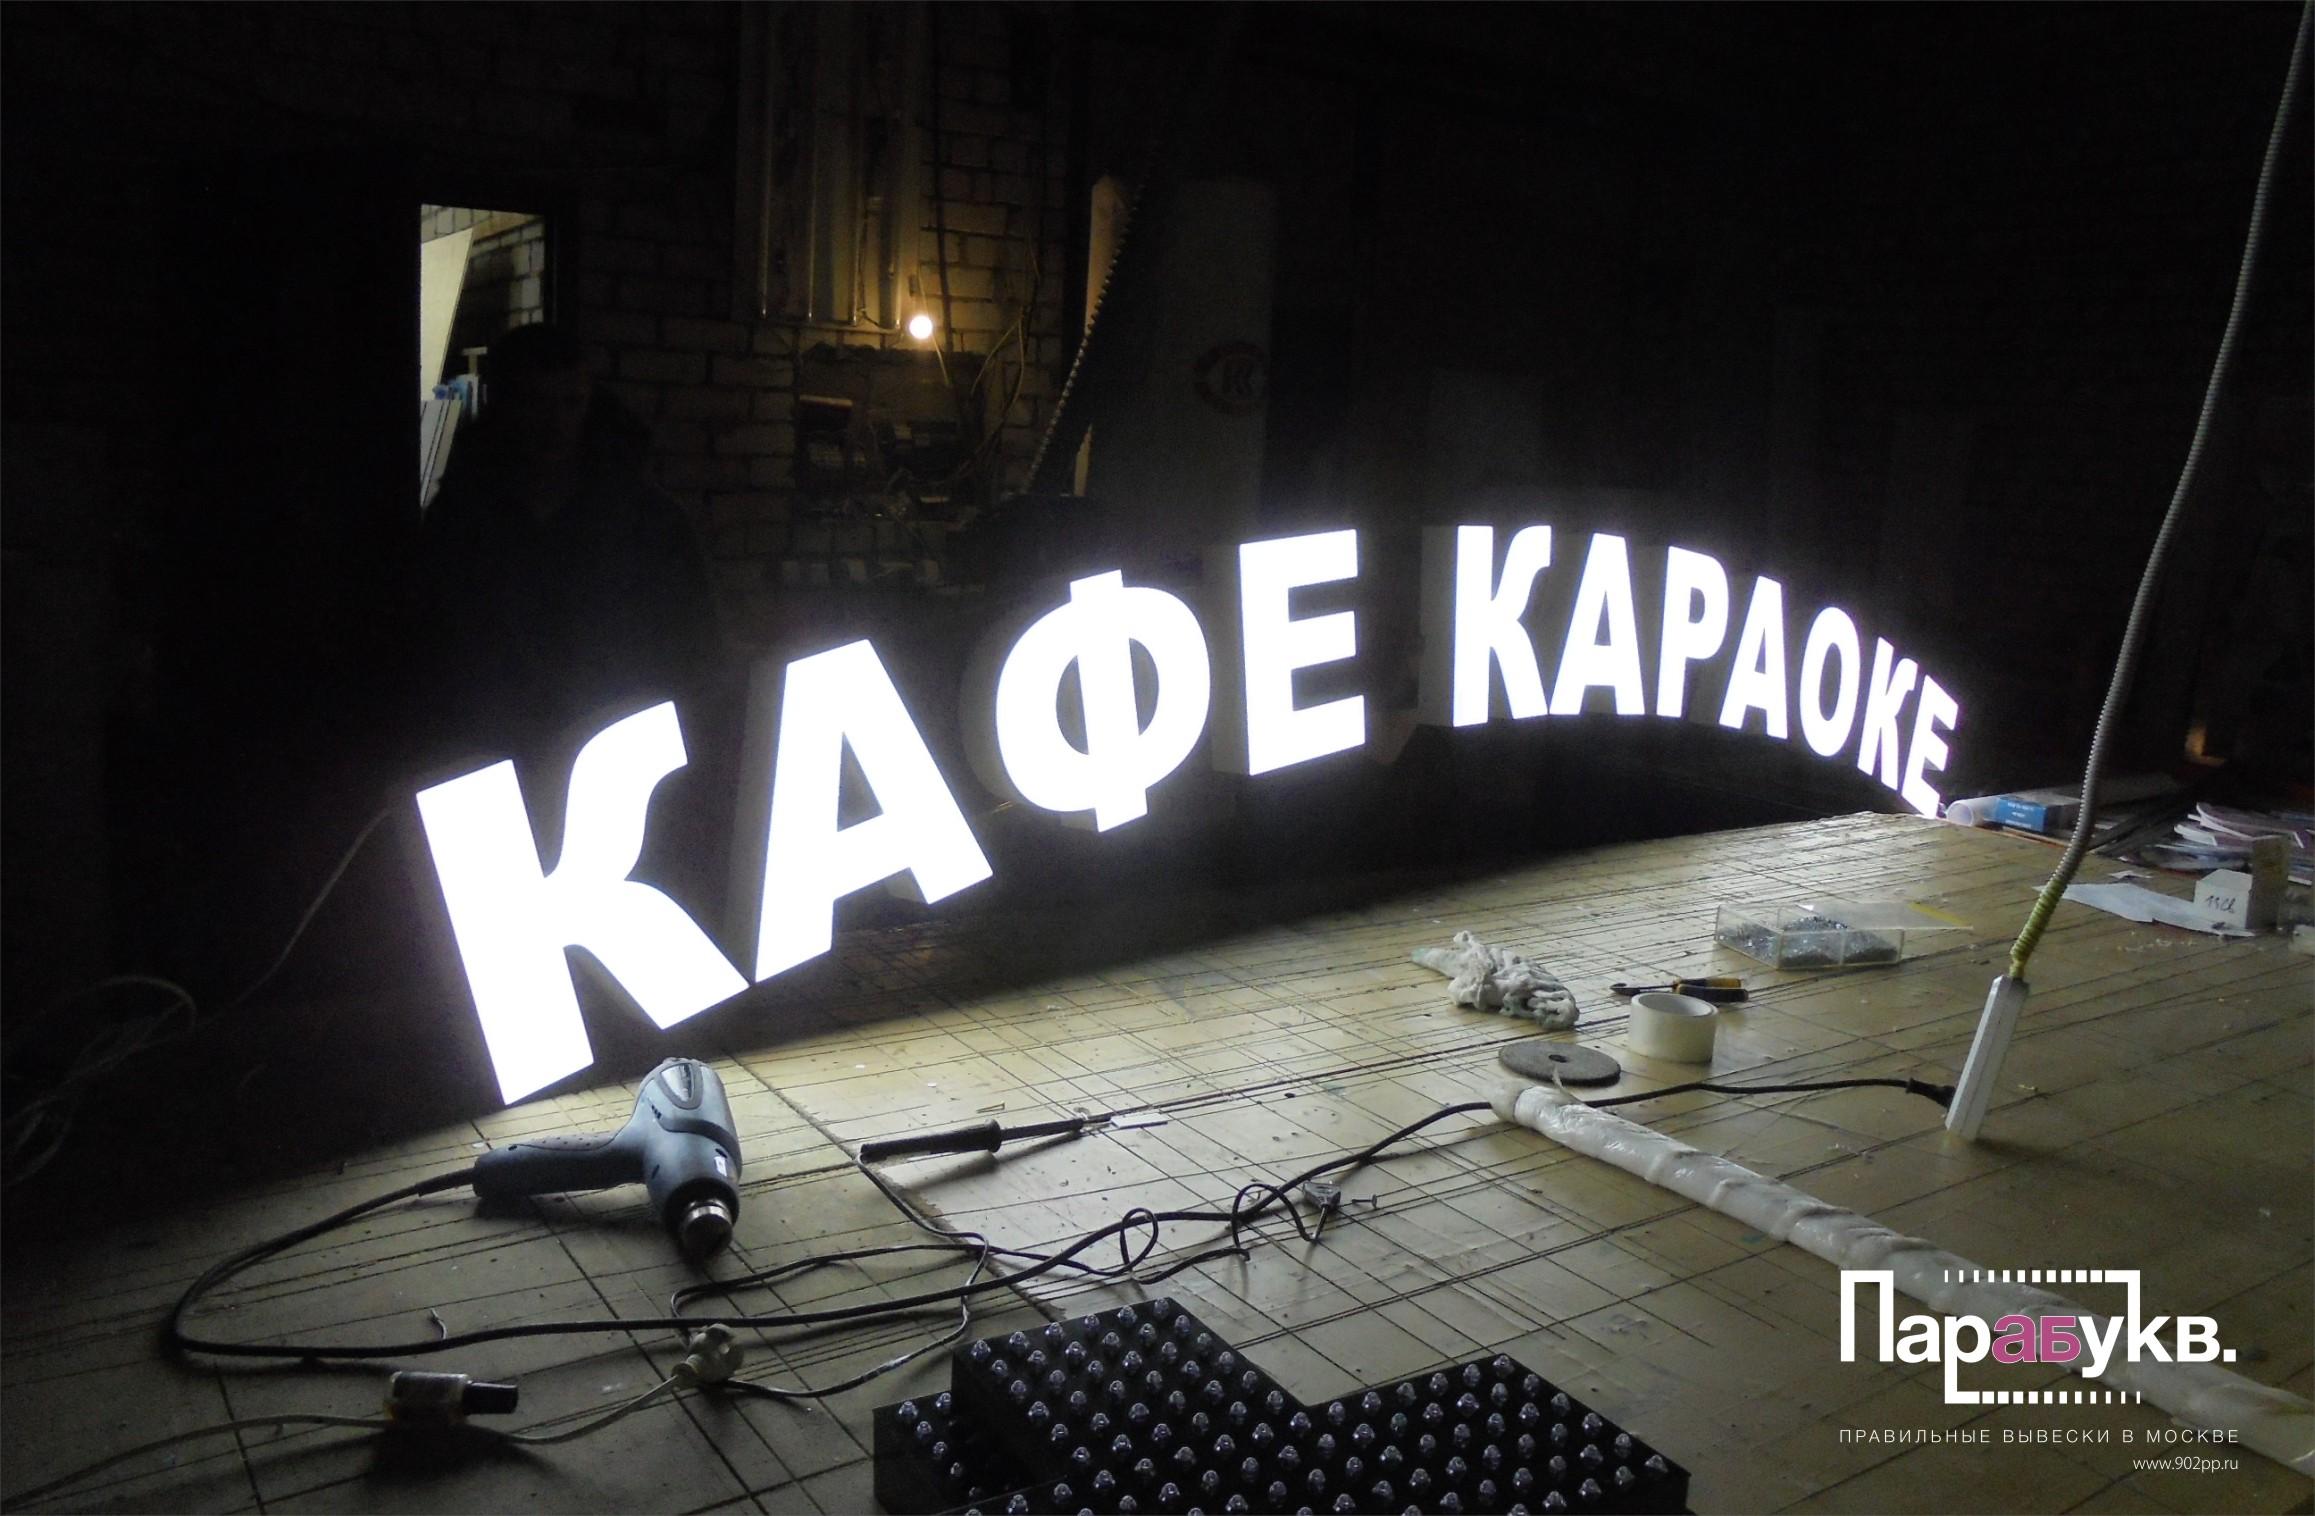 Объемные буквы кафе караоке